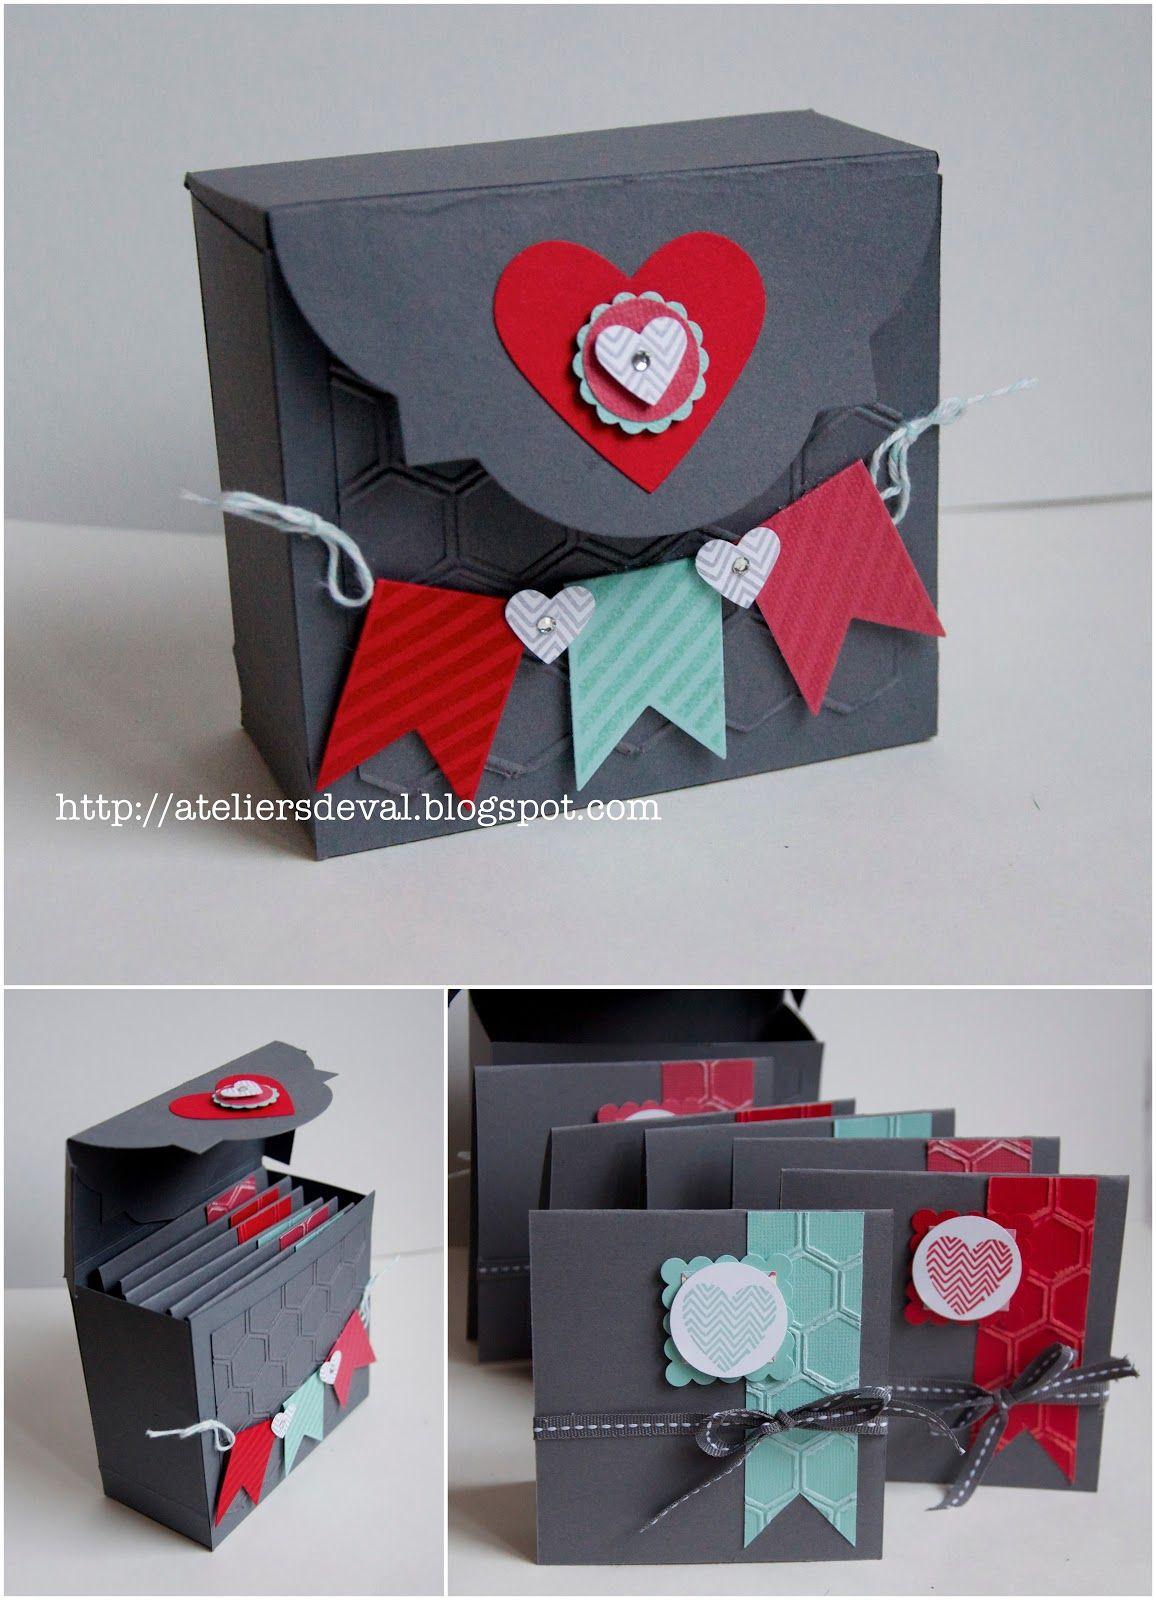 3x3 box set geschenkideen basteln mit papier schachteln basteln und selbermachen und karten set. Black Bedroom Furniture Sets. Home Design Ideas